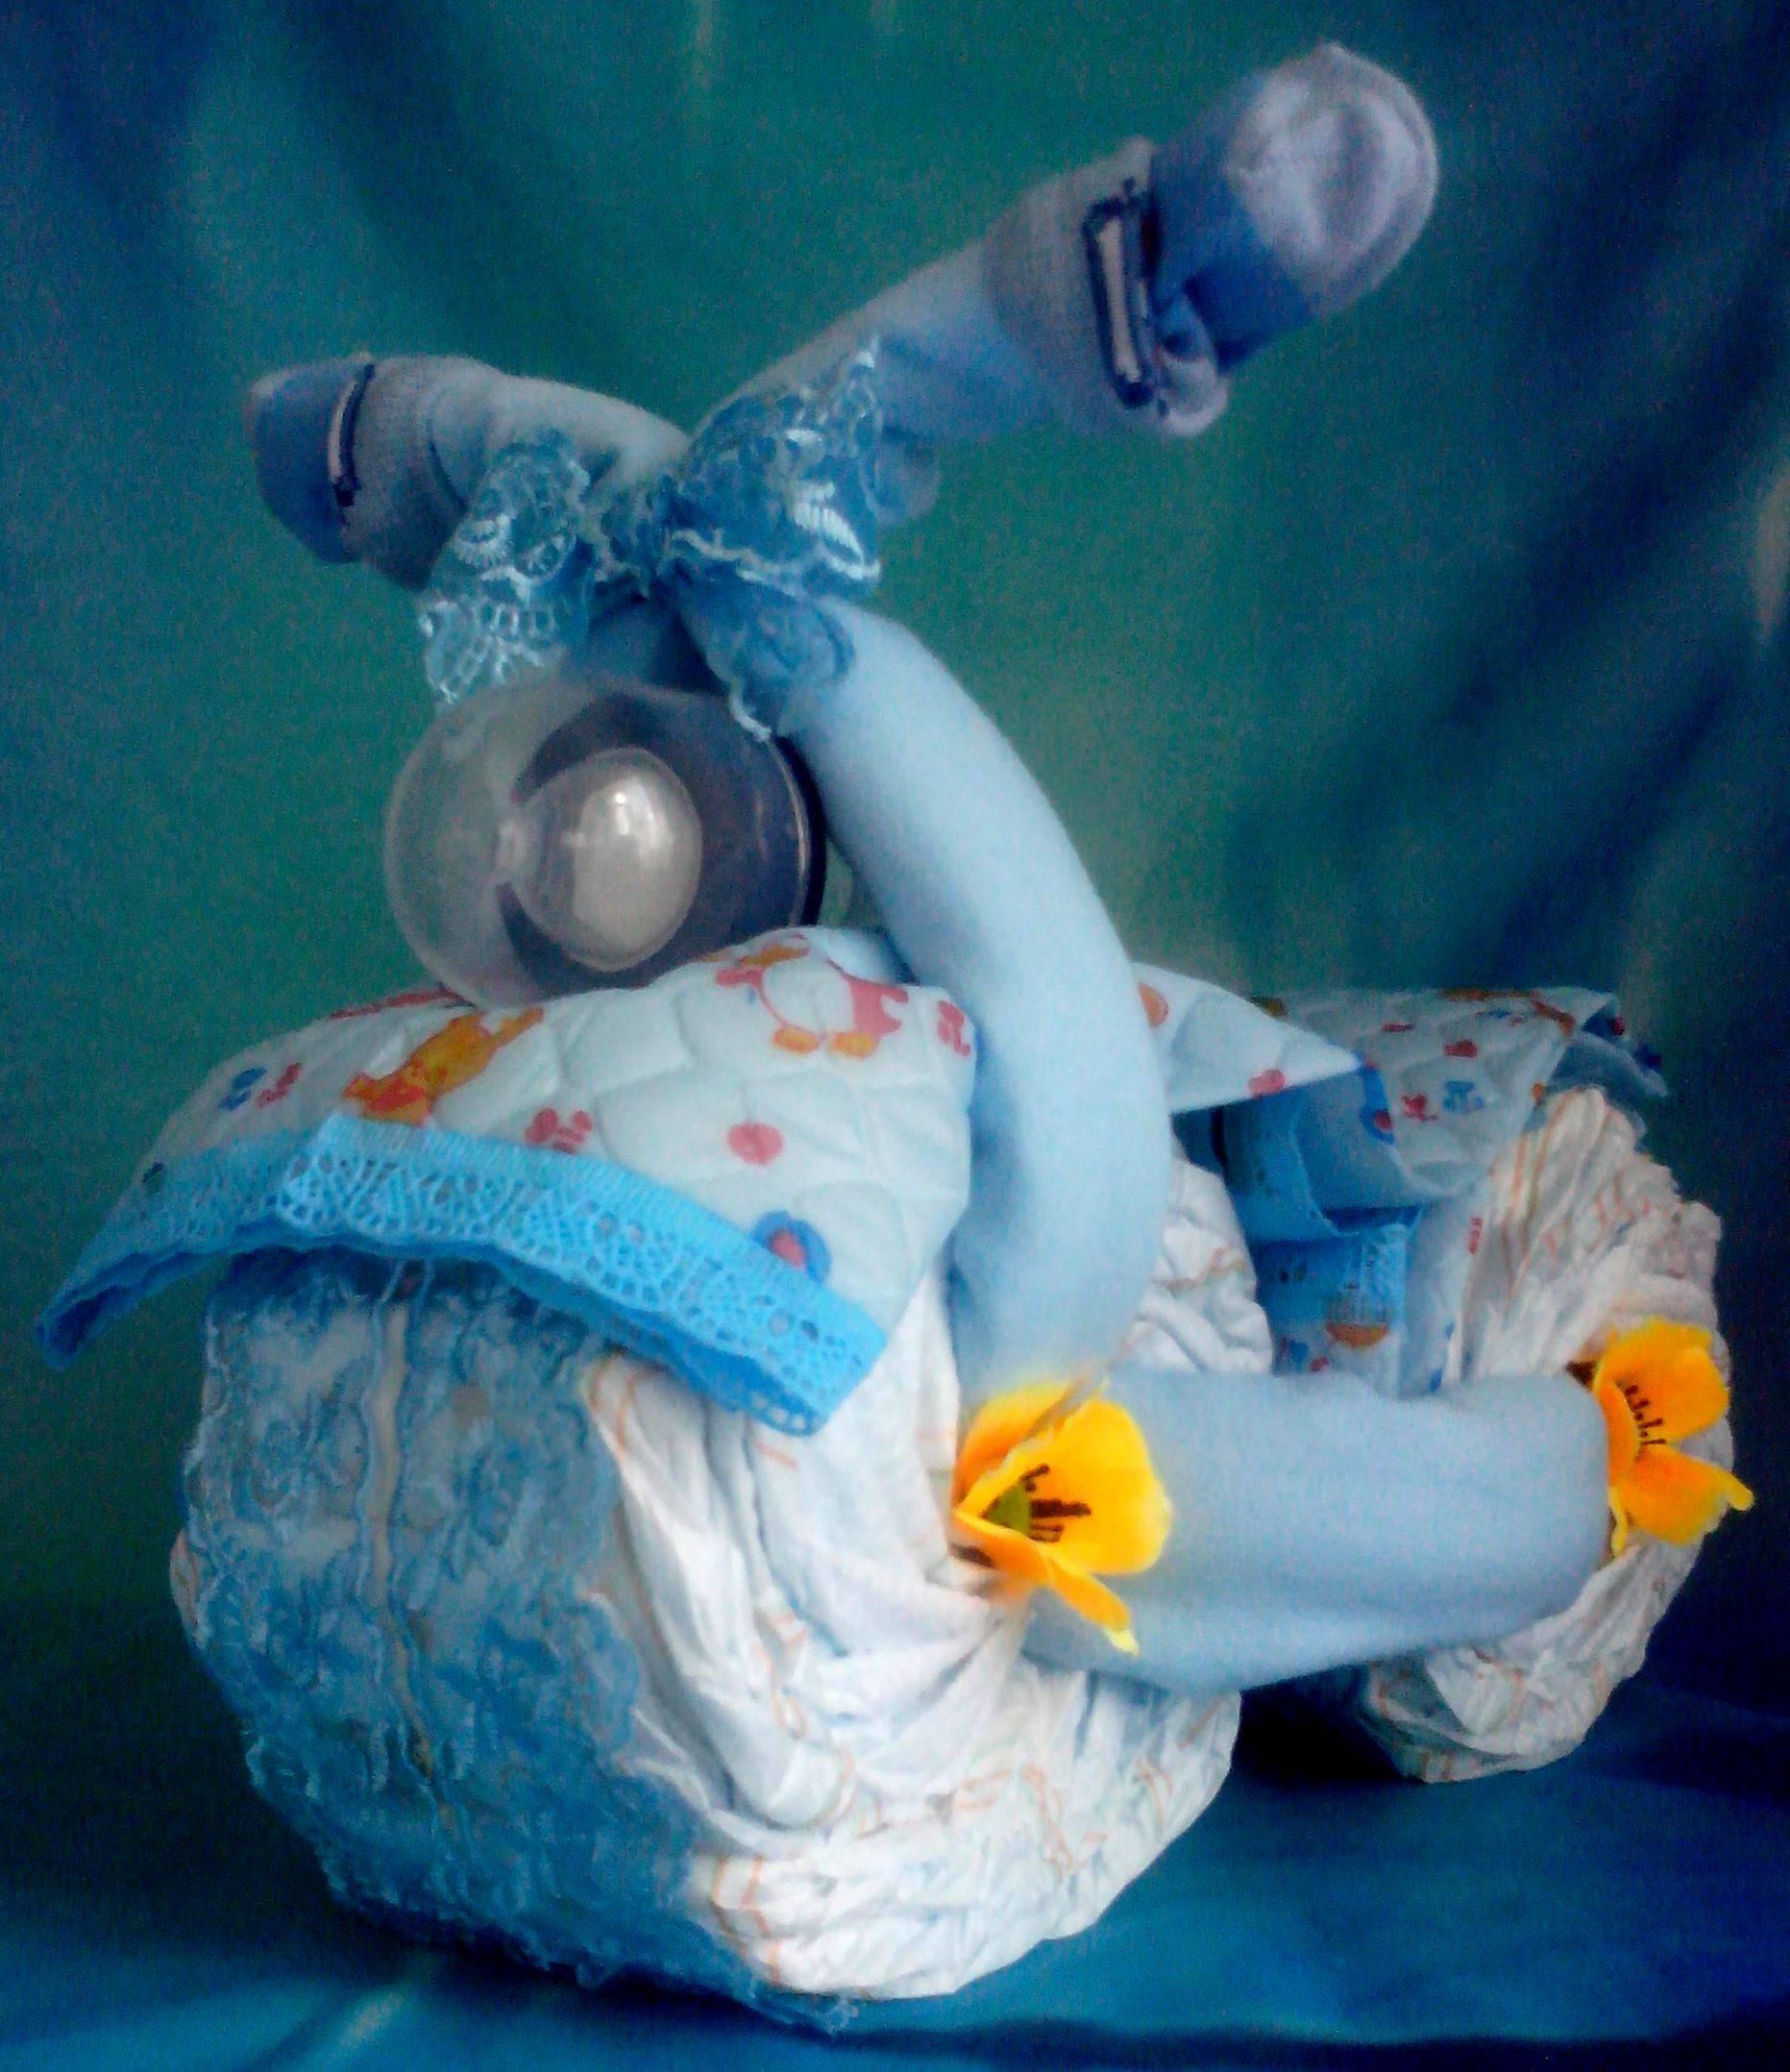 Подарок новорожденному своими руками: самые интересные и оригинальные идеи подарков на рождение ребенка с мастер-классом по изготовлению кекса из махровых полотенец и подборкой видео идей